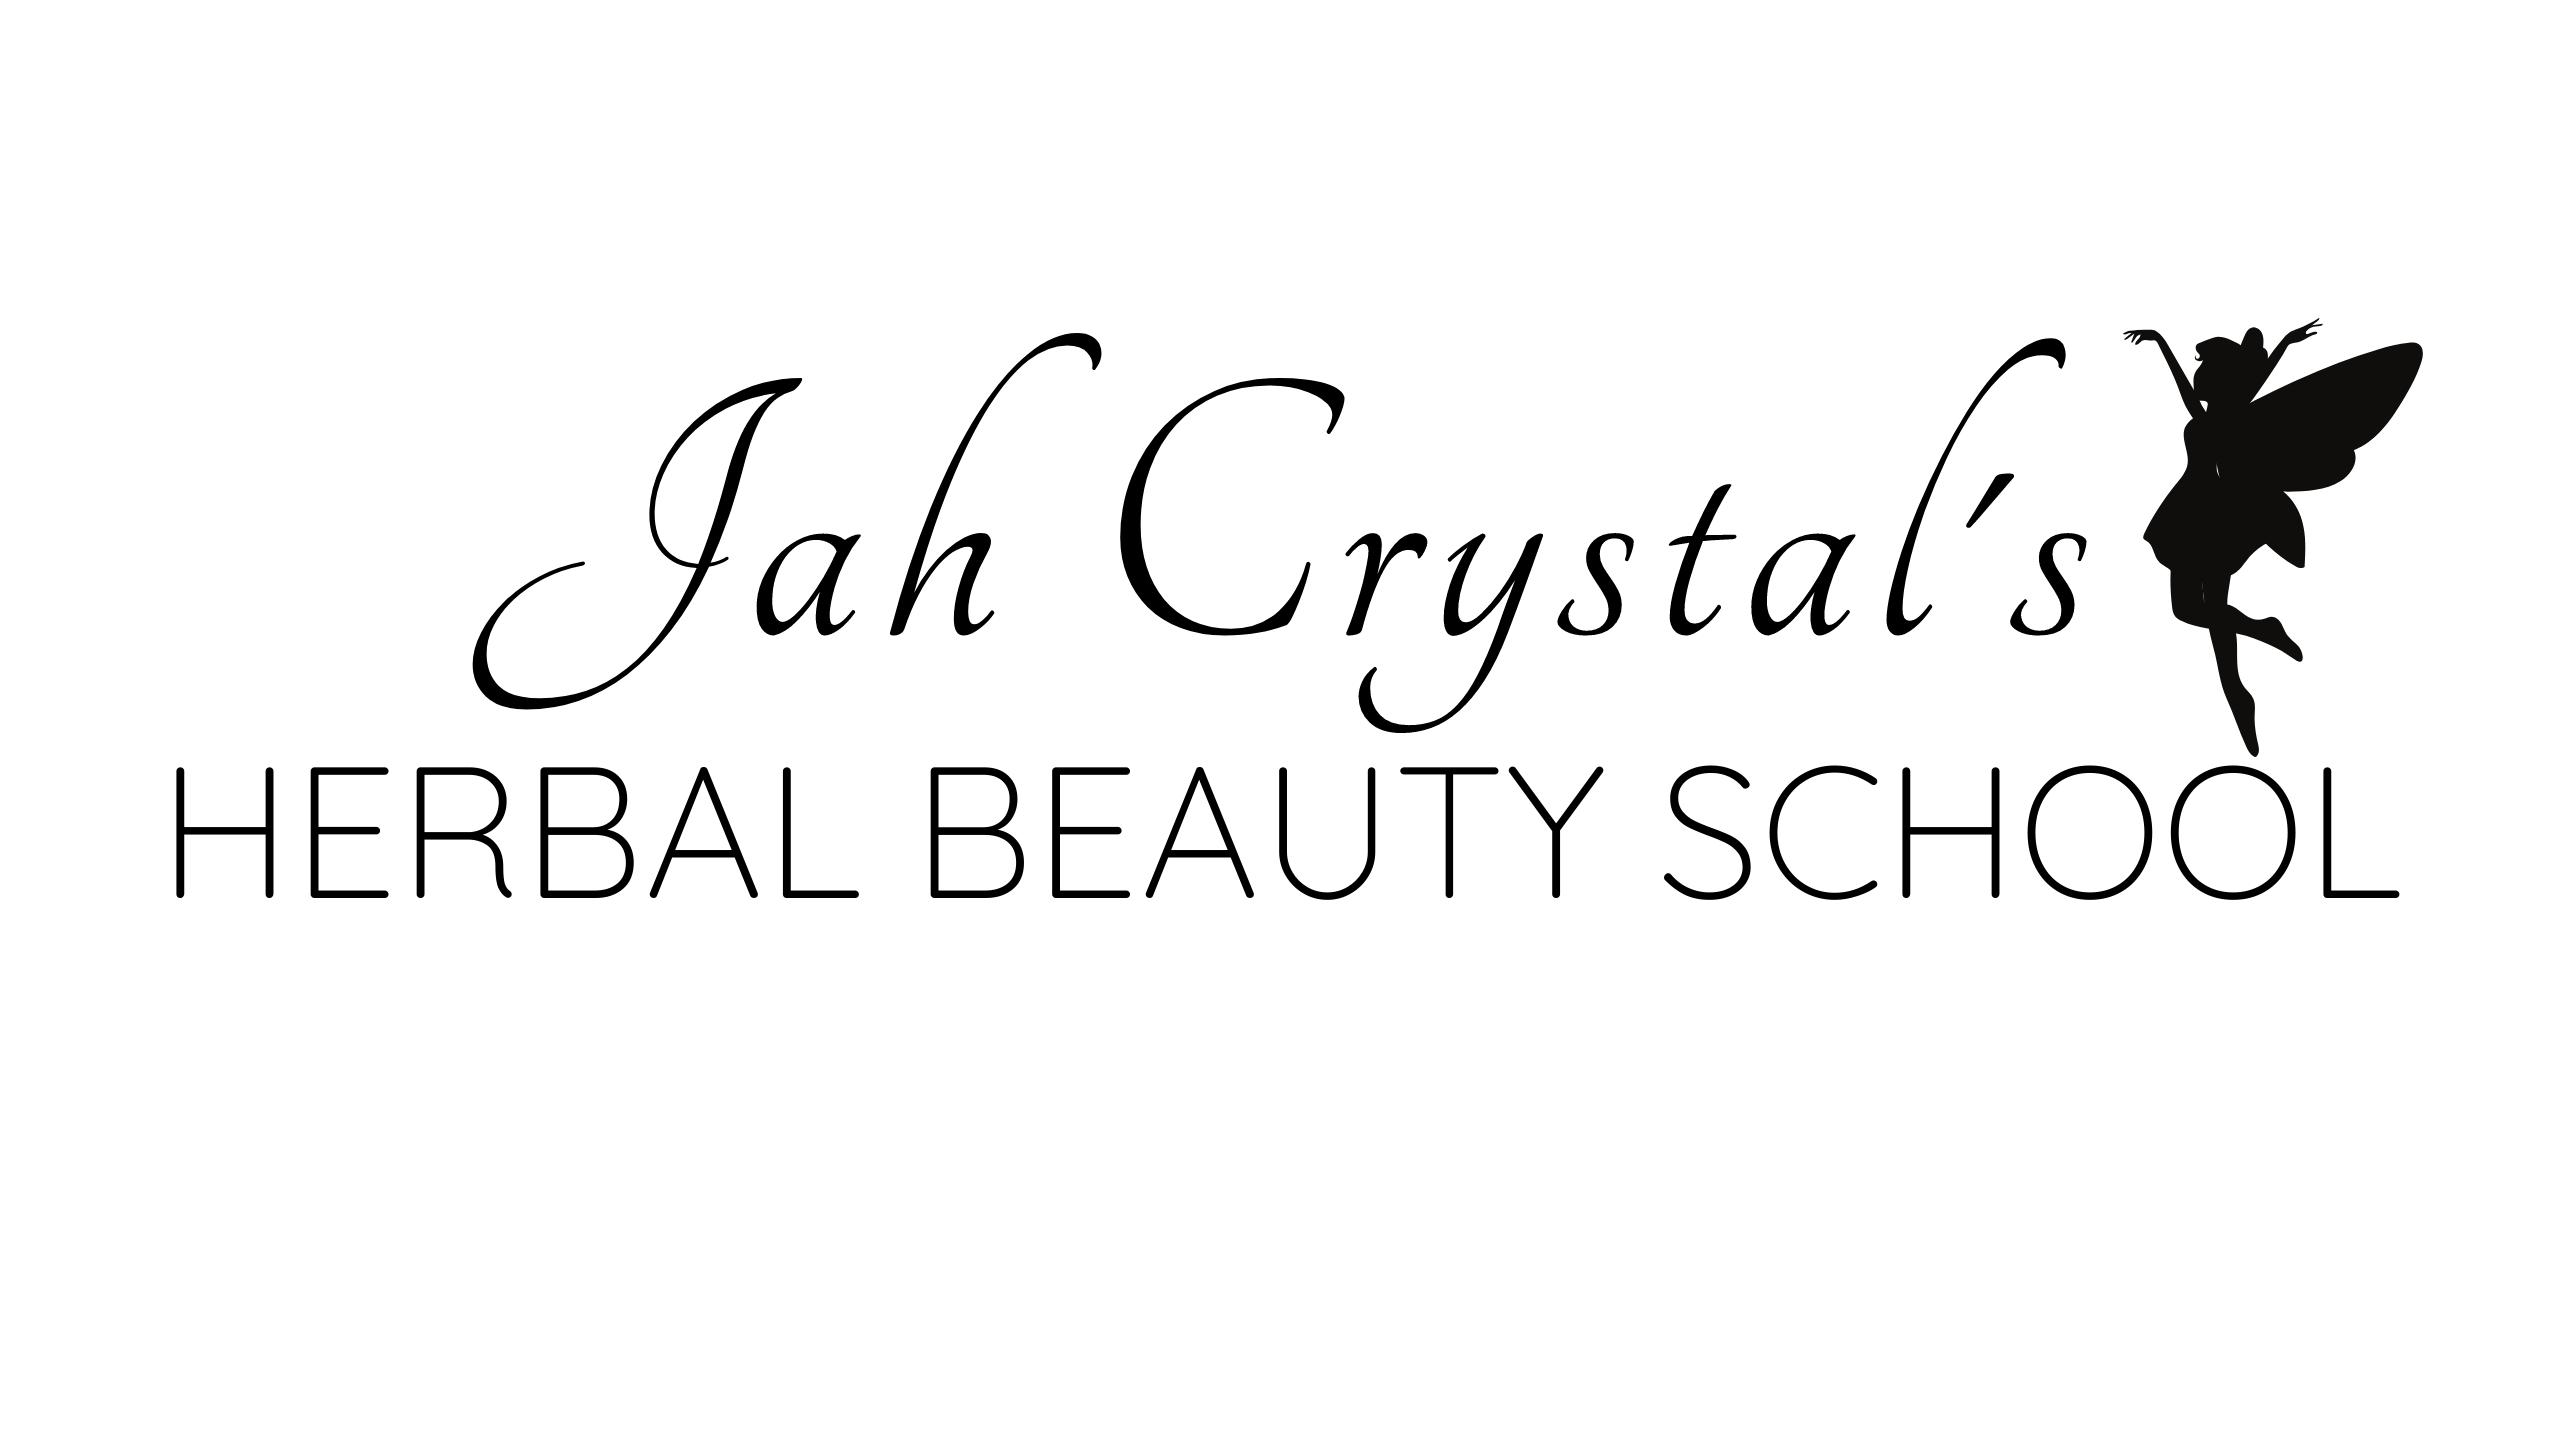 Jah Crystal's Herbal Beauty School